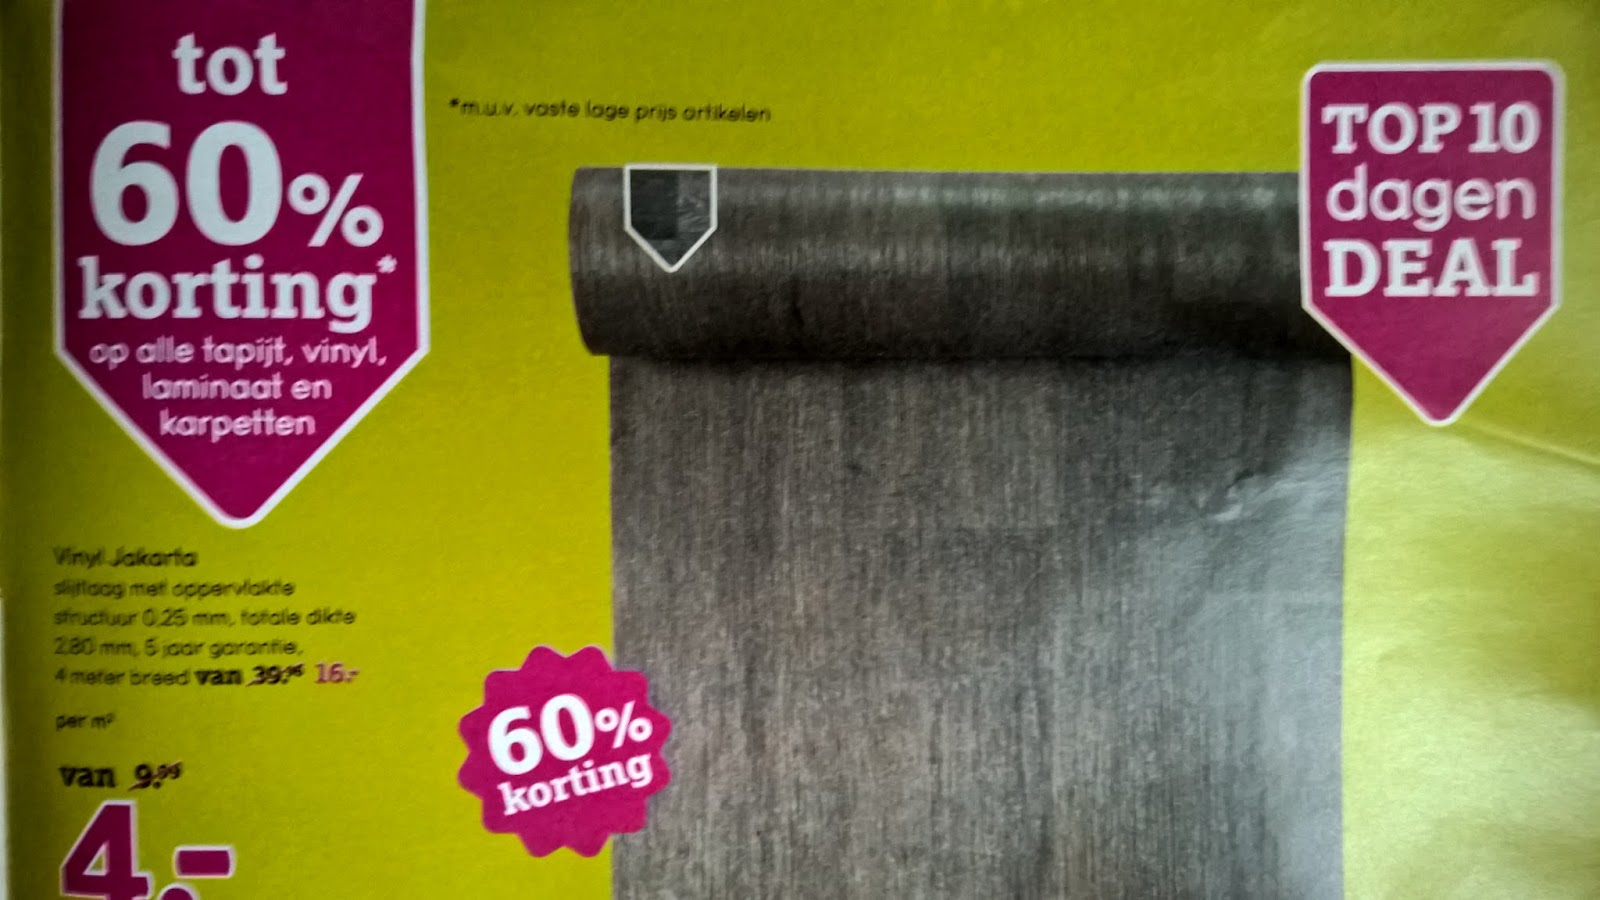 Vinyl Vloertegels Goedkoop : Goedkoop vinyl vloer goedkope vinyl vloer vinylvloeren de